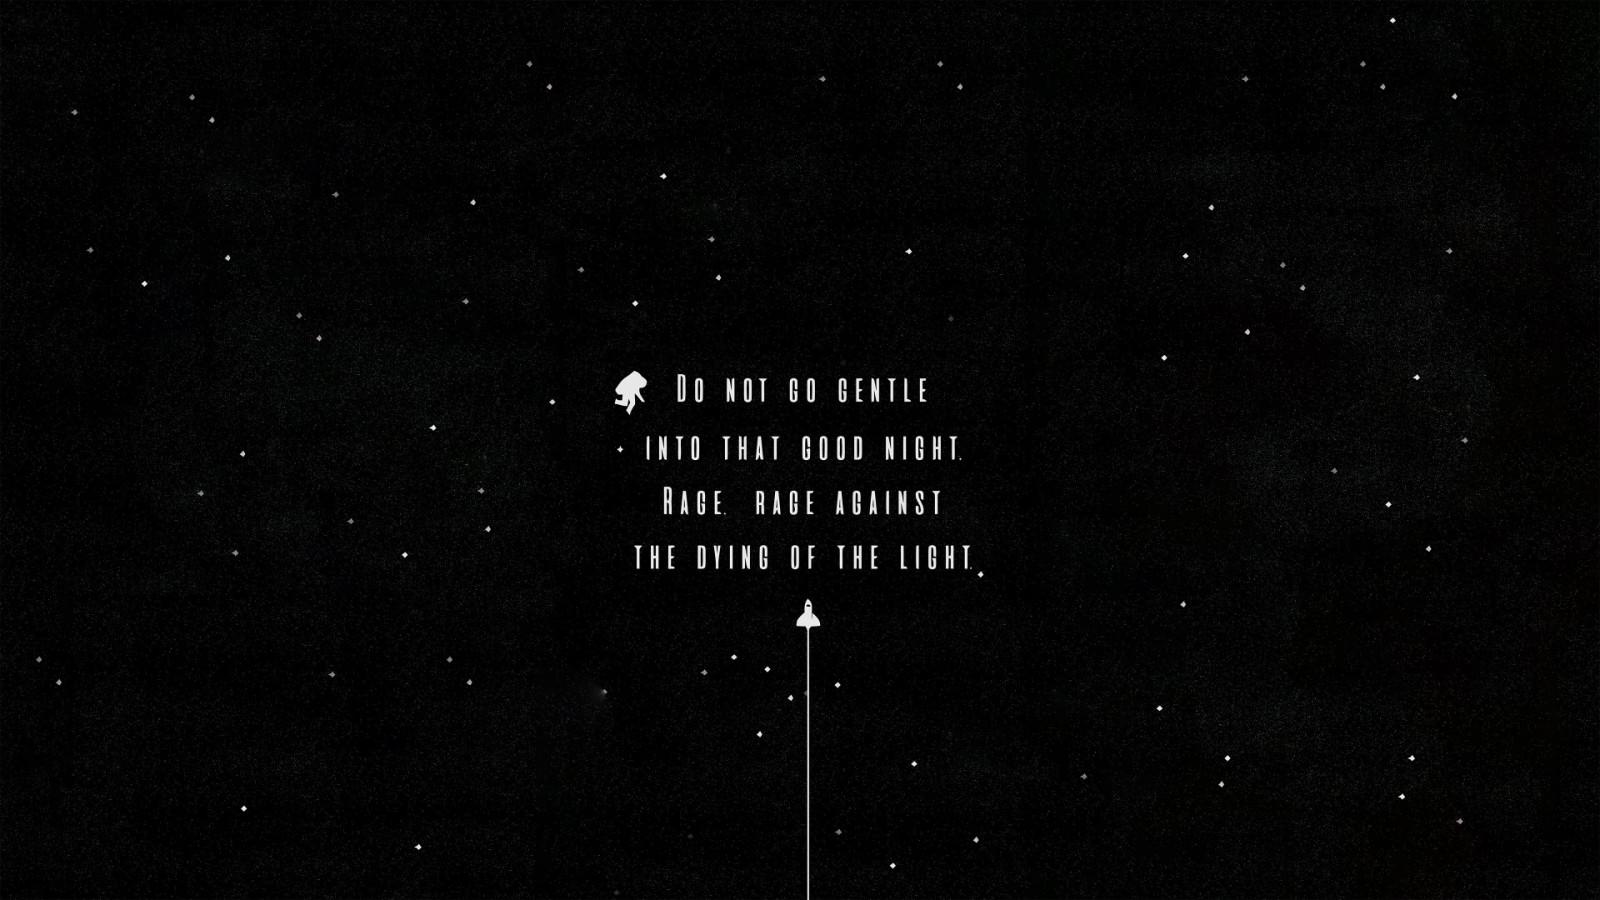 День пограничника, черные картинки с надписями про жизнь